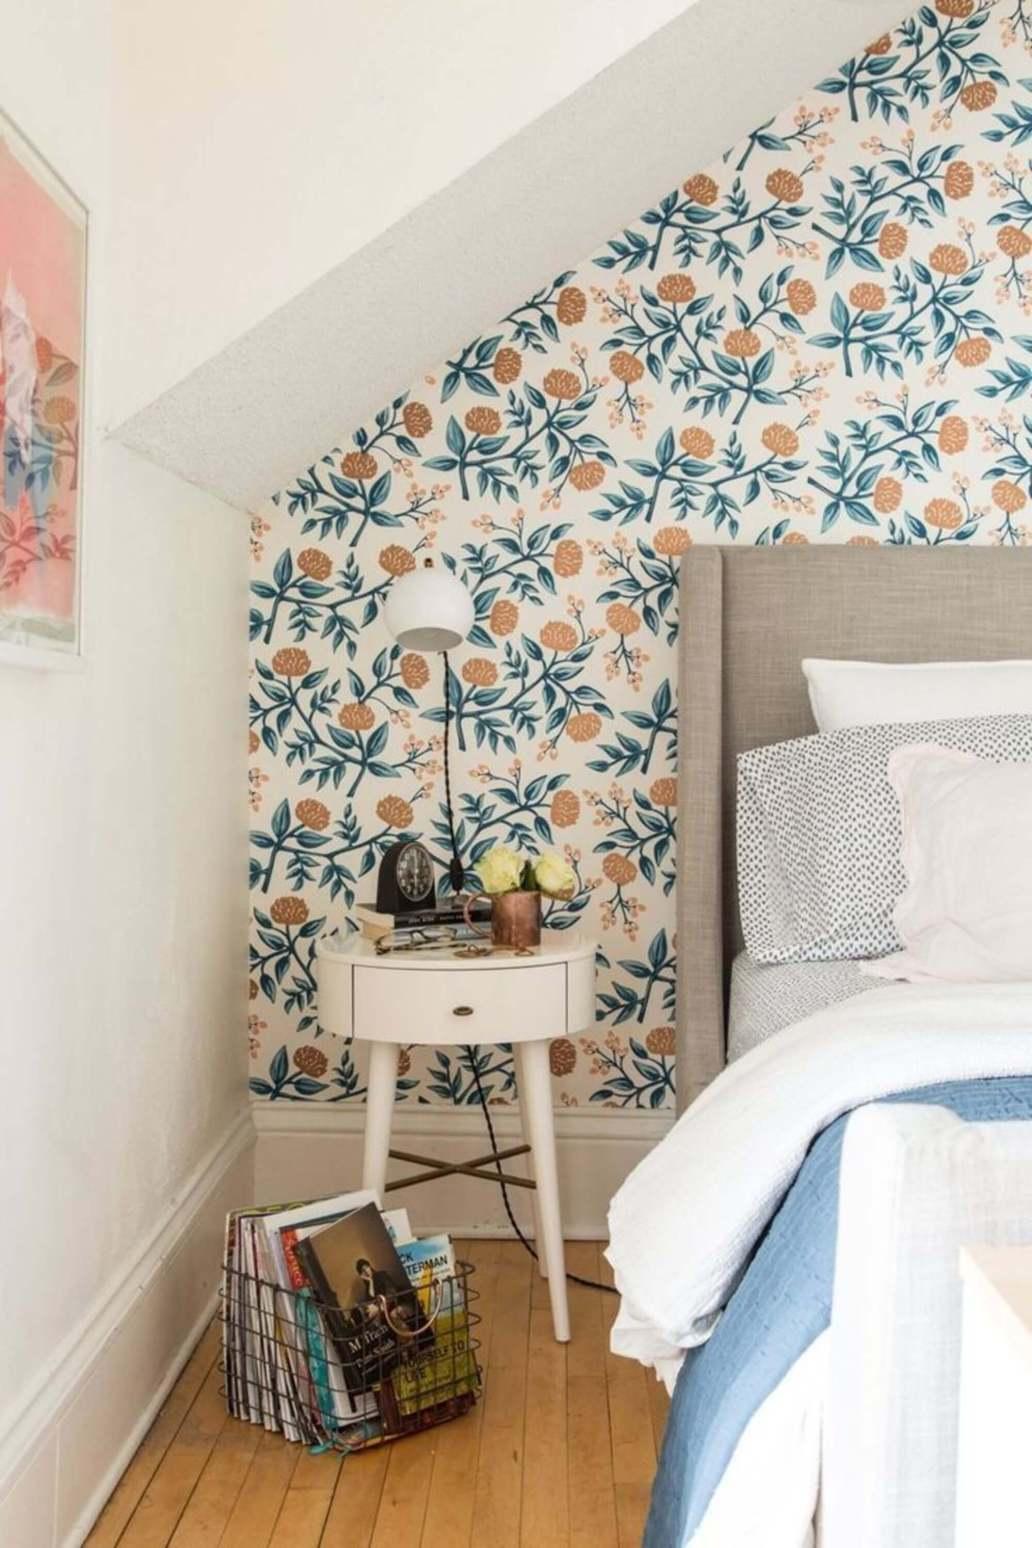 papier peint style campagne deco chambre adulte 1365x2048 - Quel papier peint pour la chambre d'adulte ?